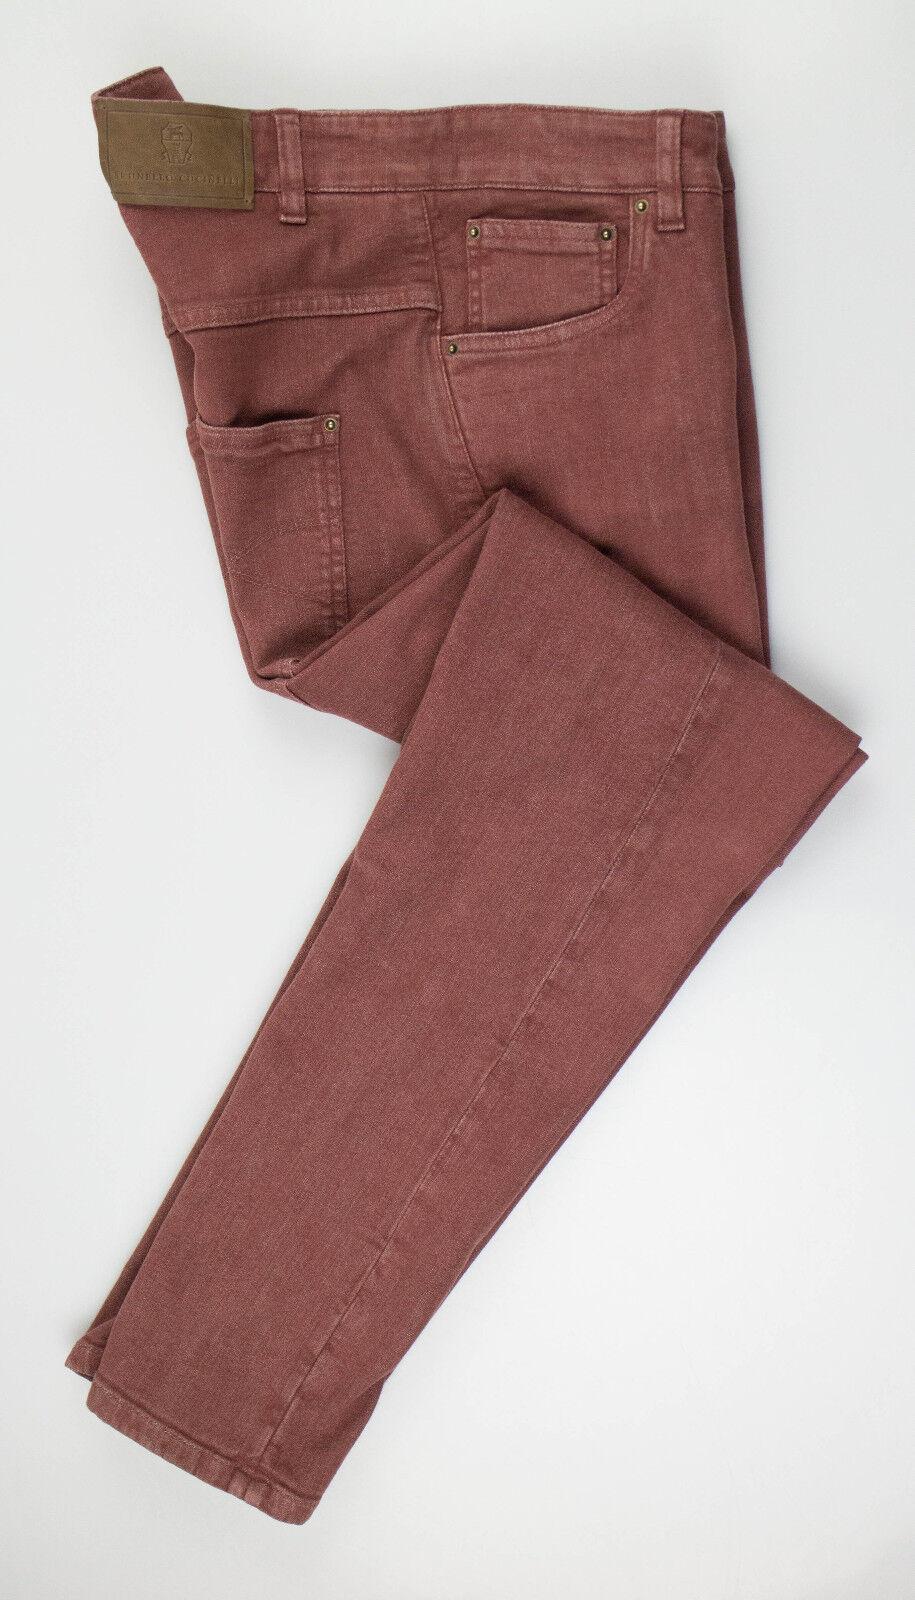 Nouveau BRUNELLO CUCINELLI damen& 039;S CORDOVAN en coton mélangé braun Jeans Pantalon 42 6 895